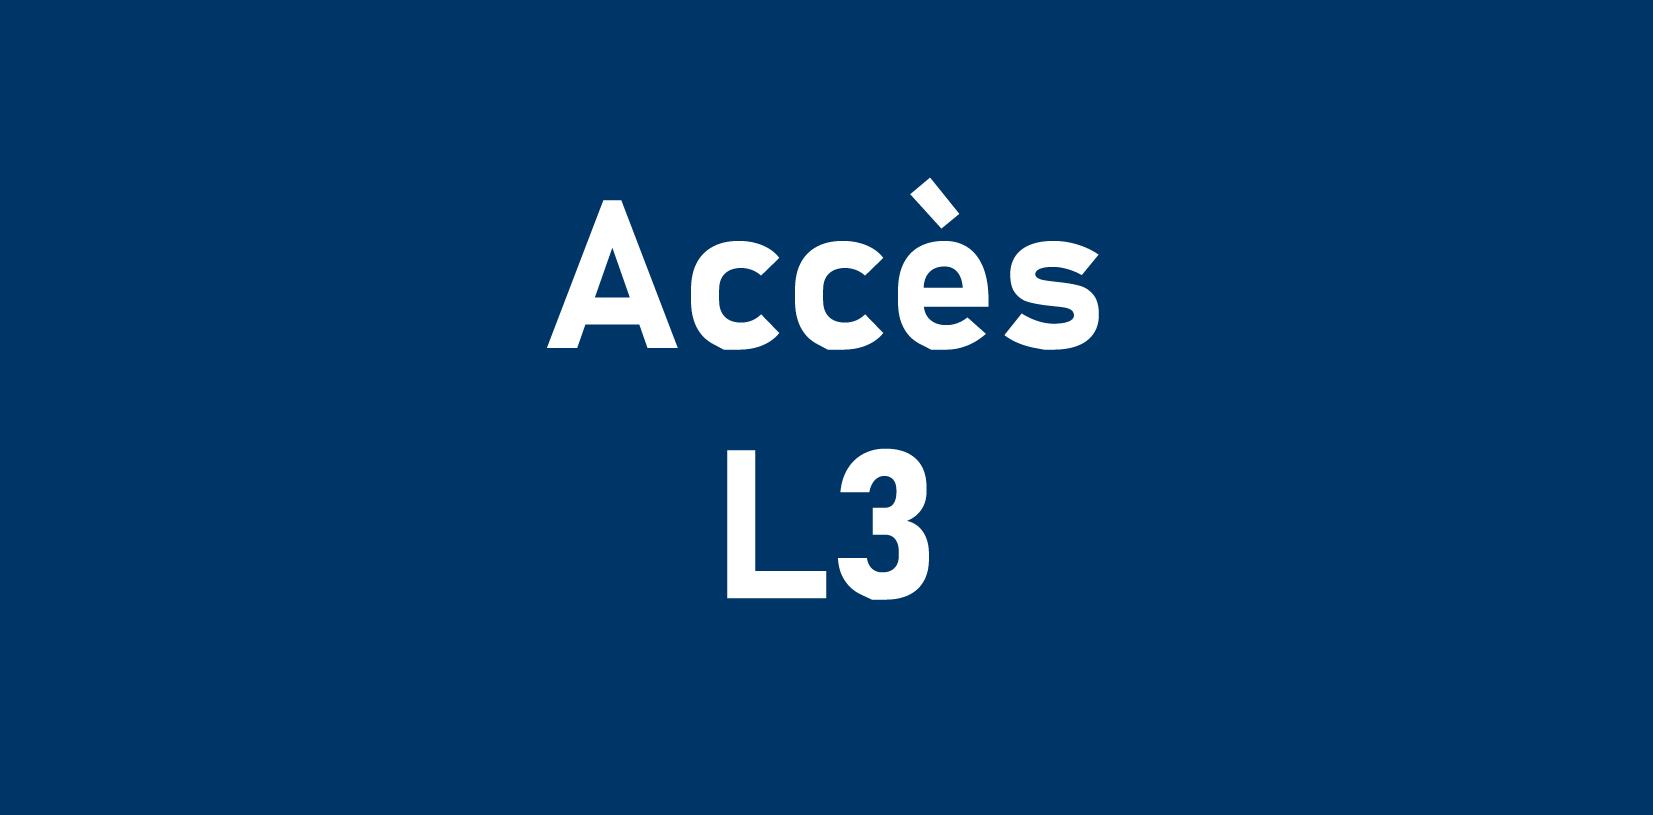 Accès L3